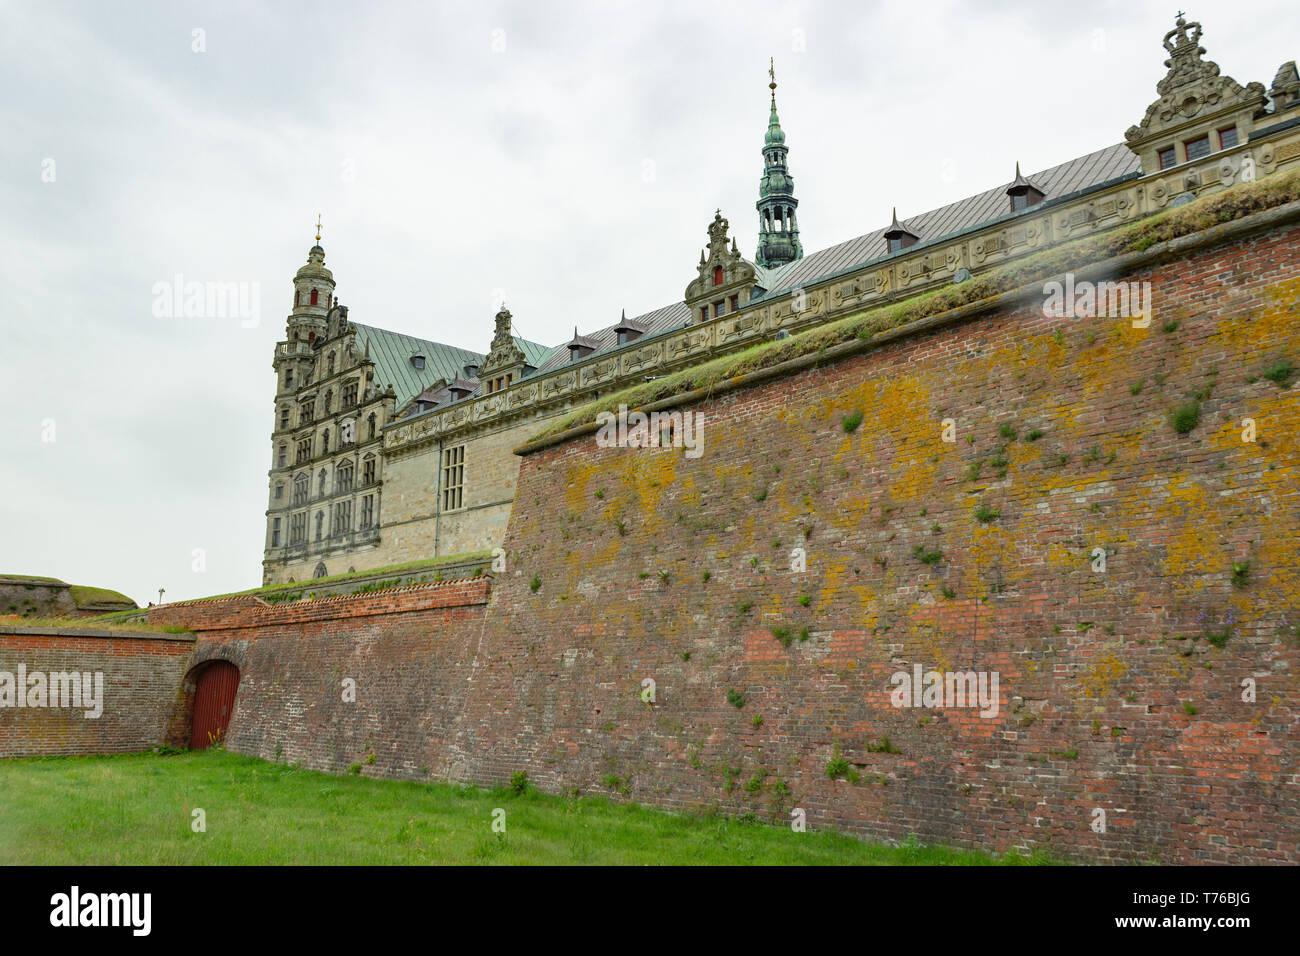 Kronborg castle, Denmark - Stock Image